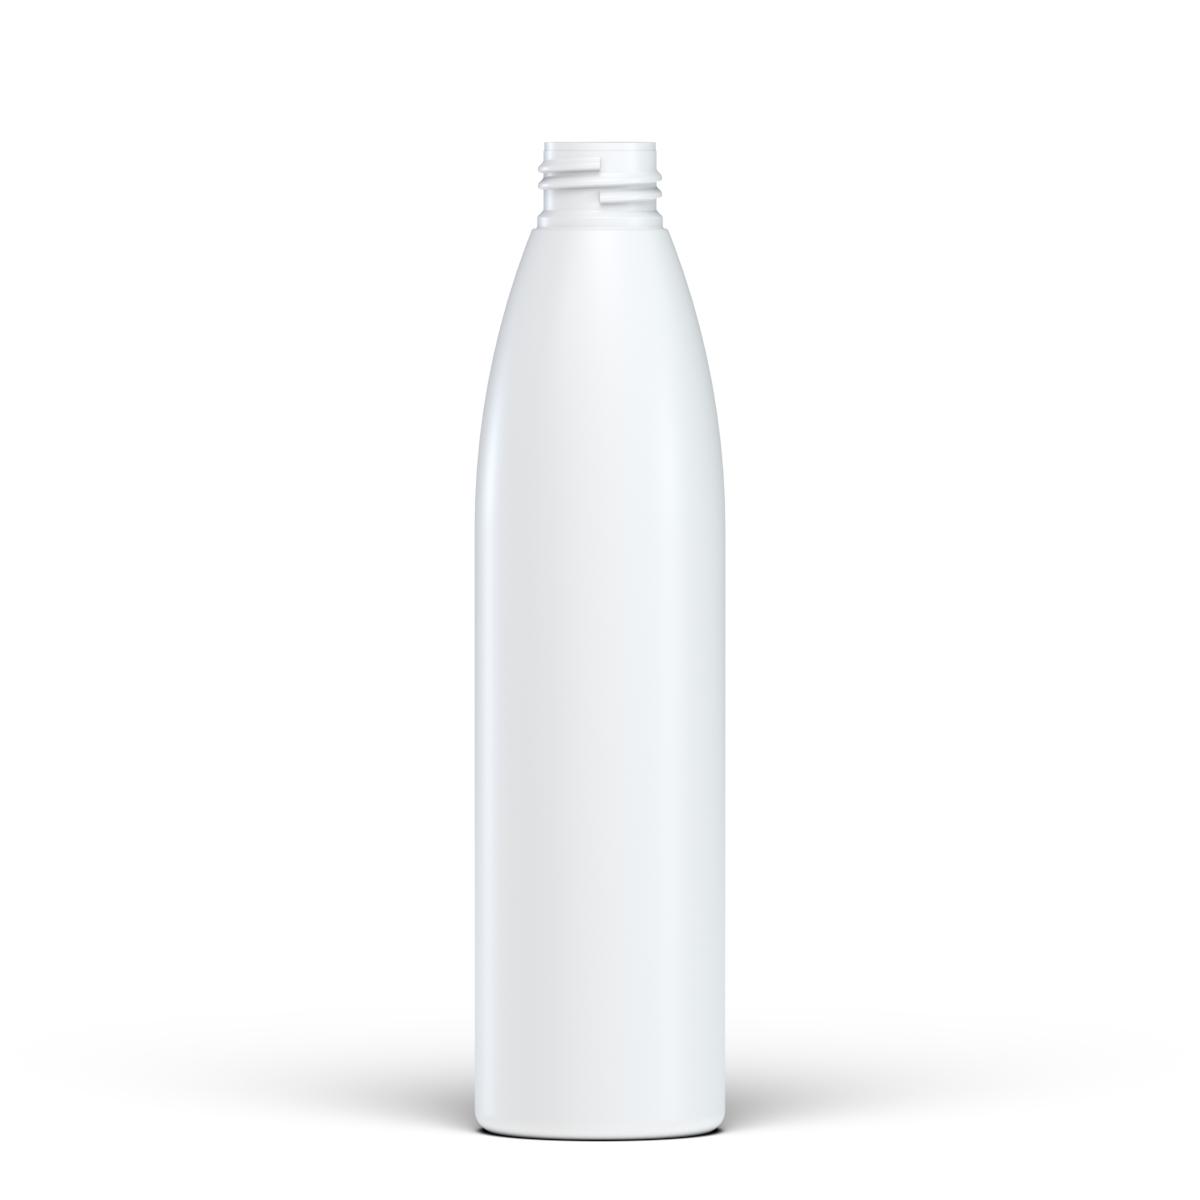 Flacone cilindrico 250 ml HDPE/SOFT TOUCH , collo 24/410, linea ISCHIA